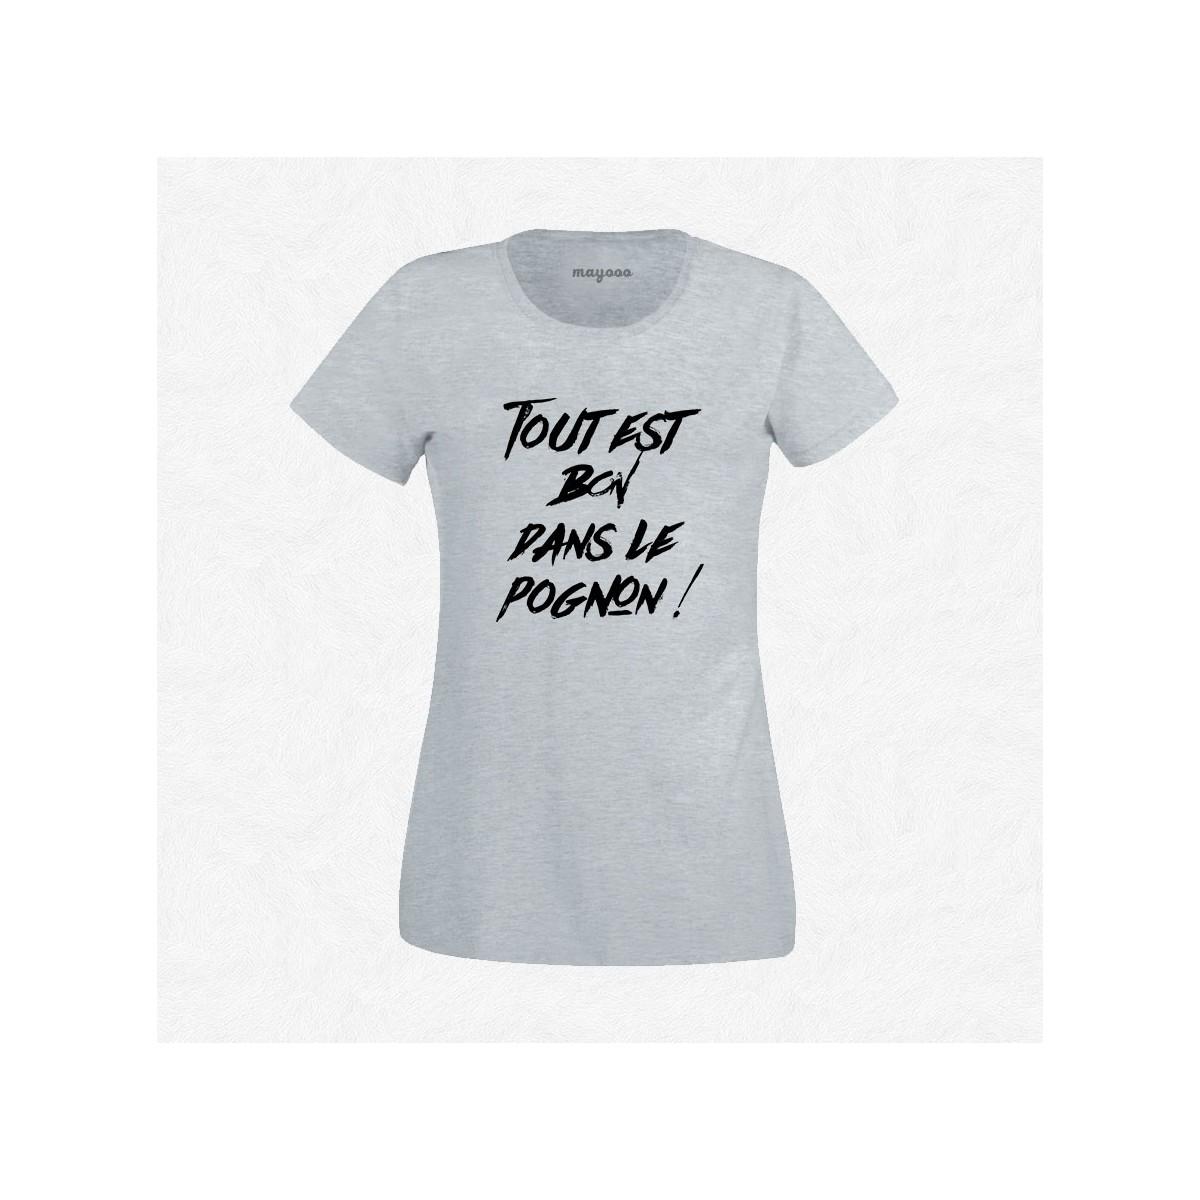 T-shirt Tout est bon dans le pognon